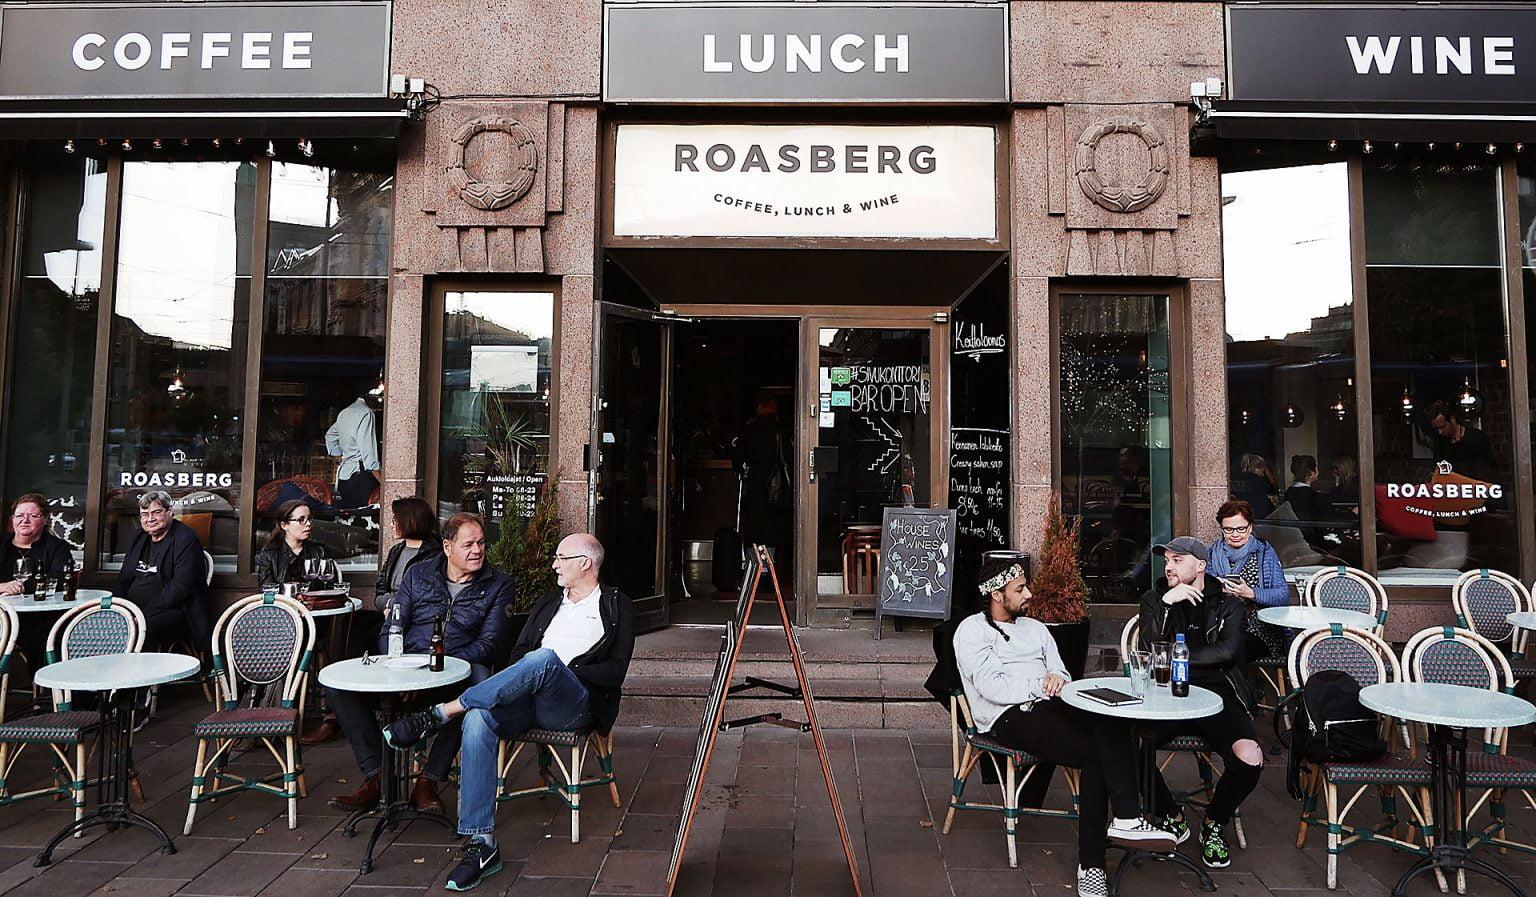 outside Roasberg Coffee